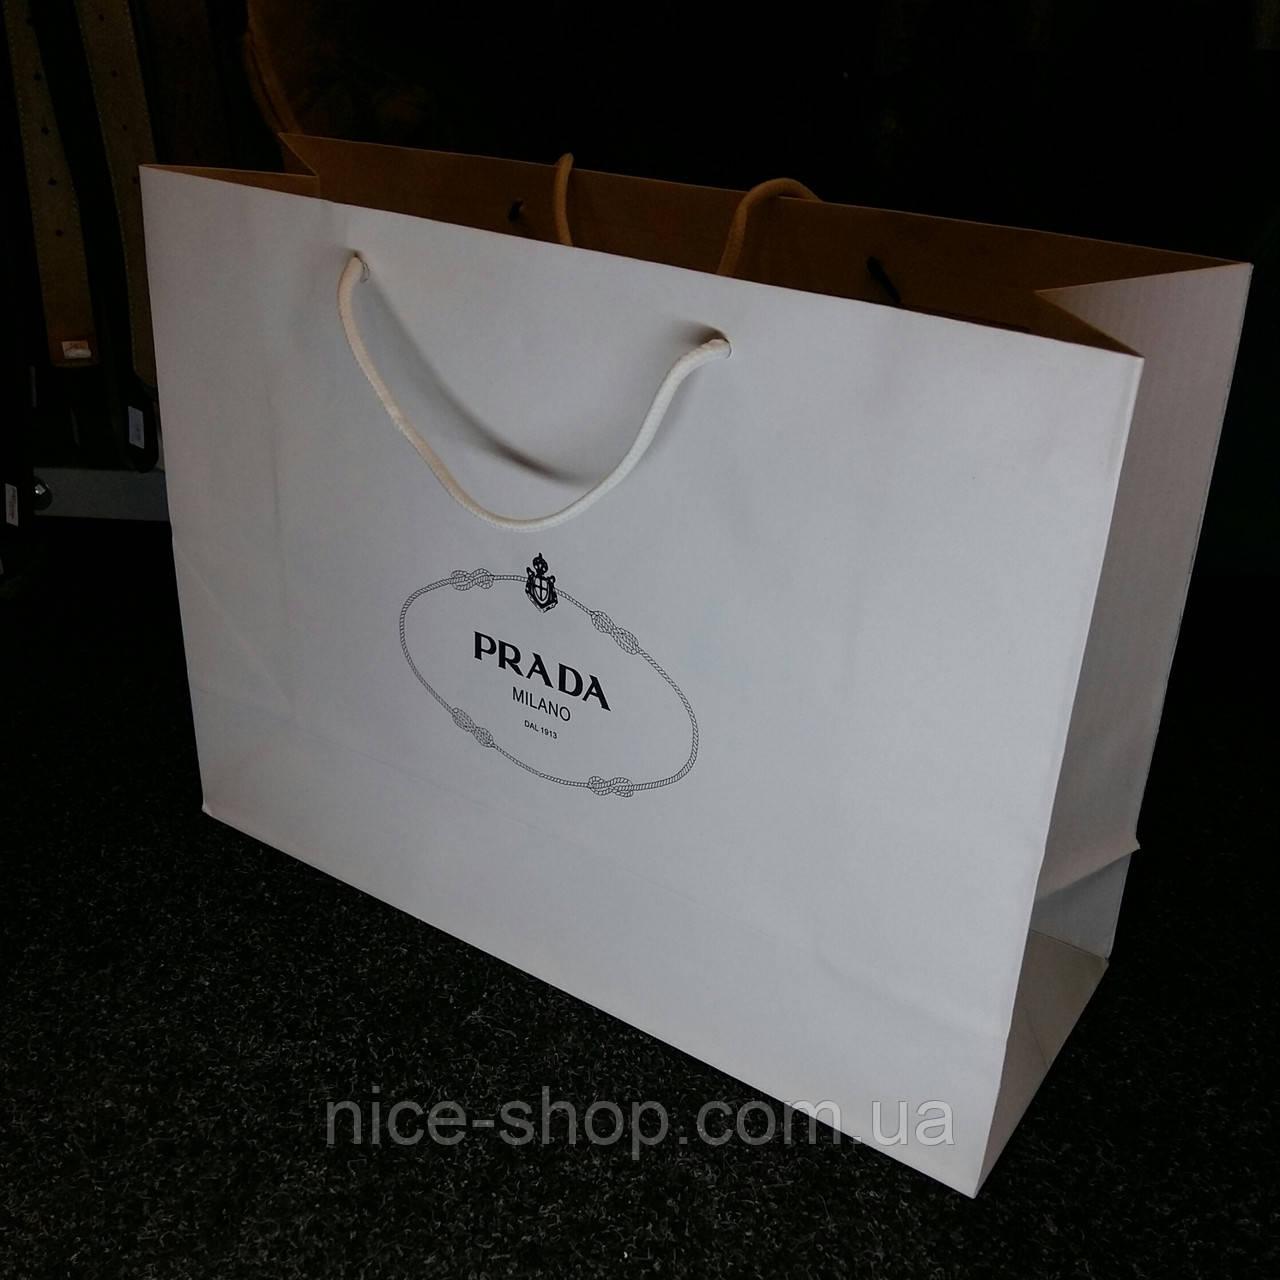 Подарочный пакет: горизонталь, mахi